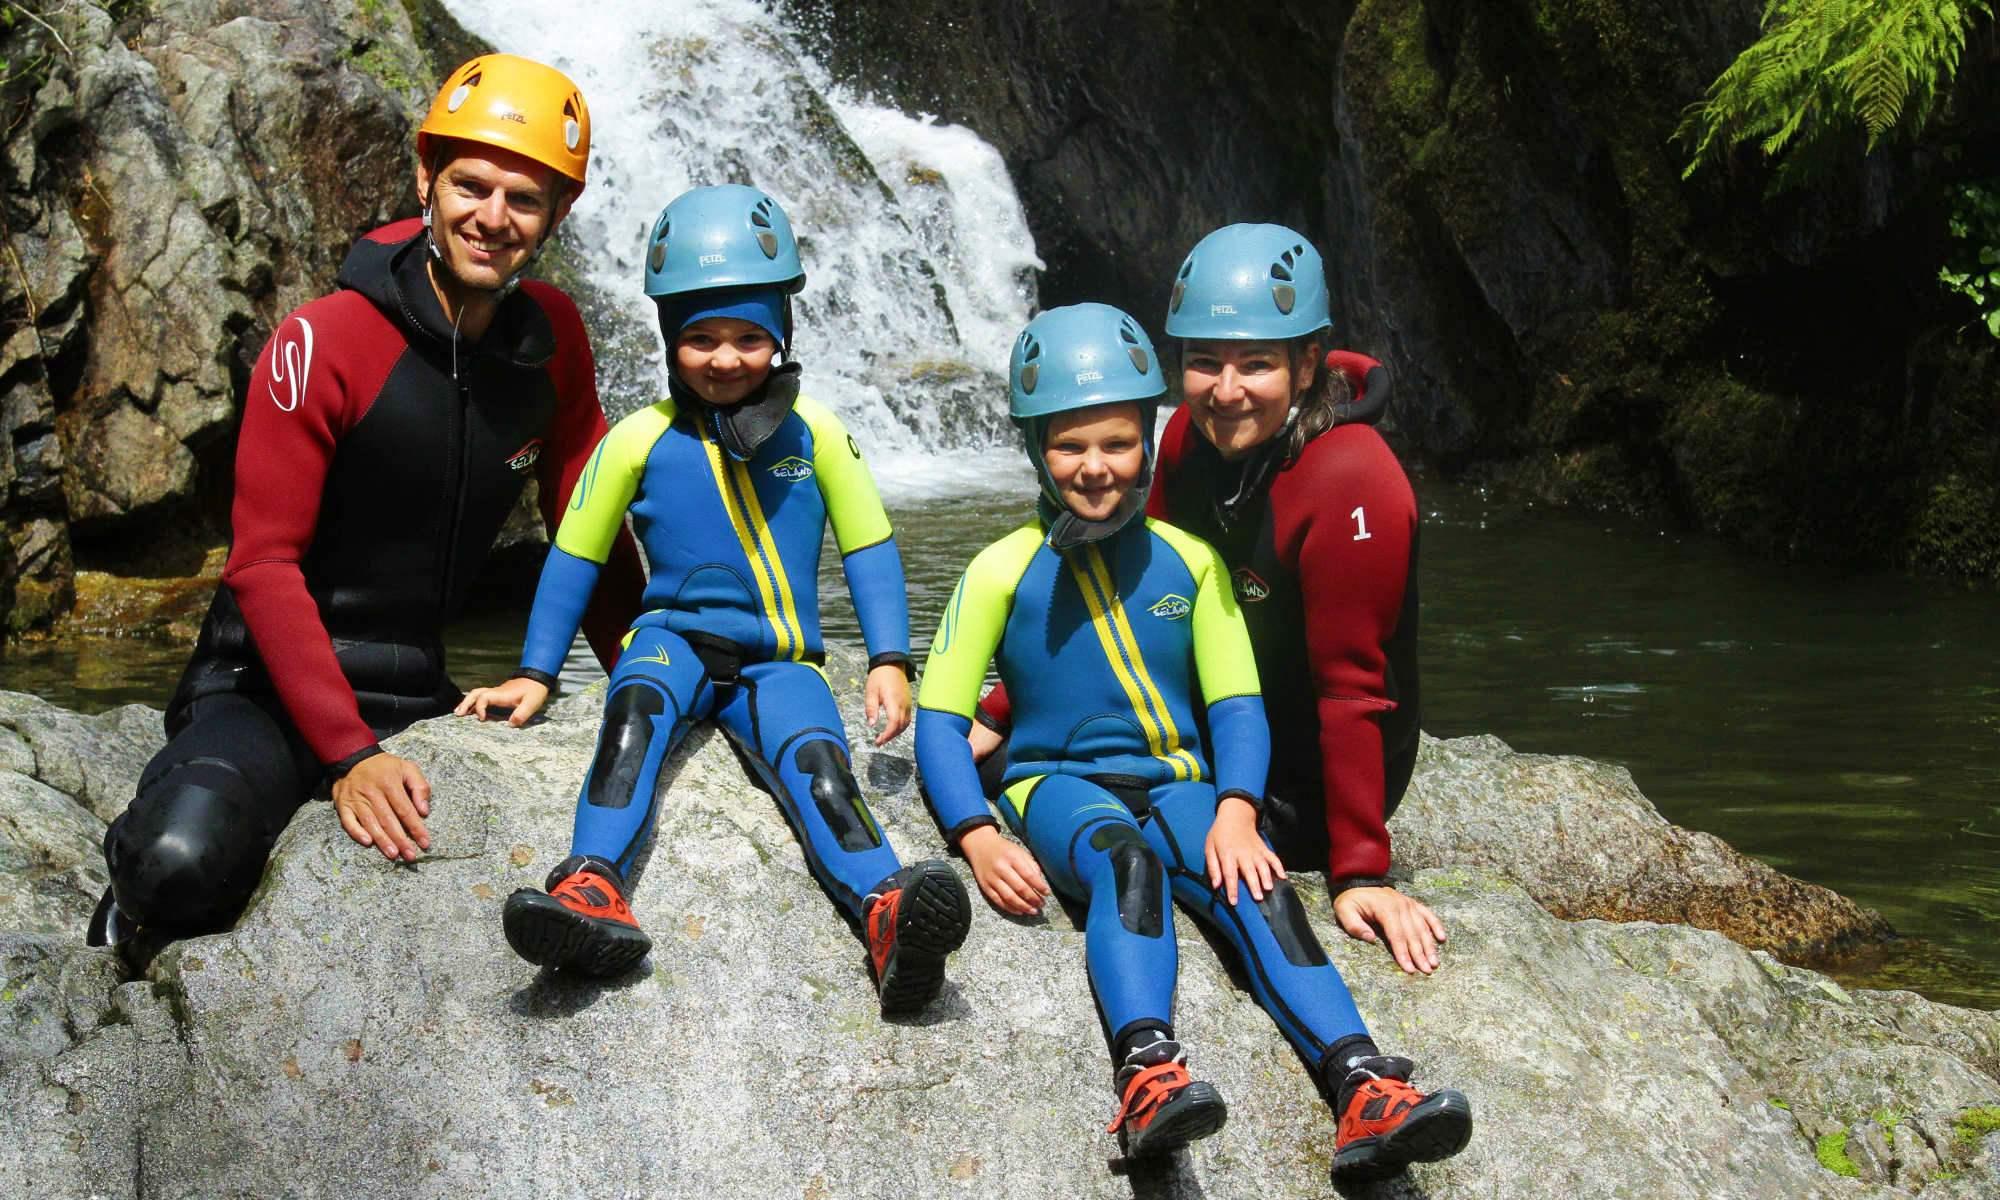 Une famille prend la pause dans le canyon de la Basse Besorgues devant une cascade.